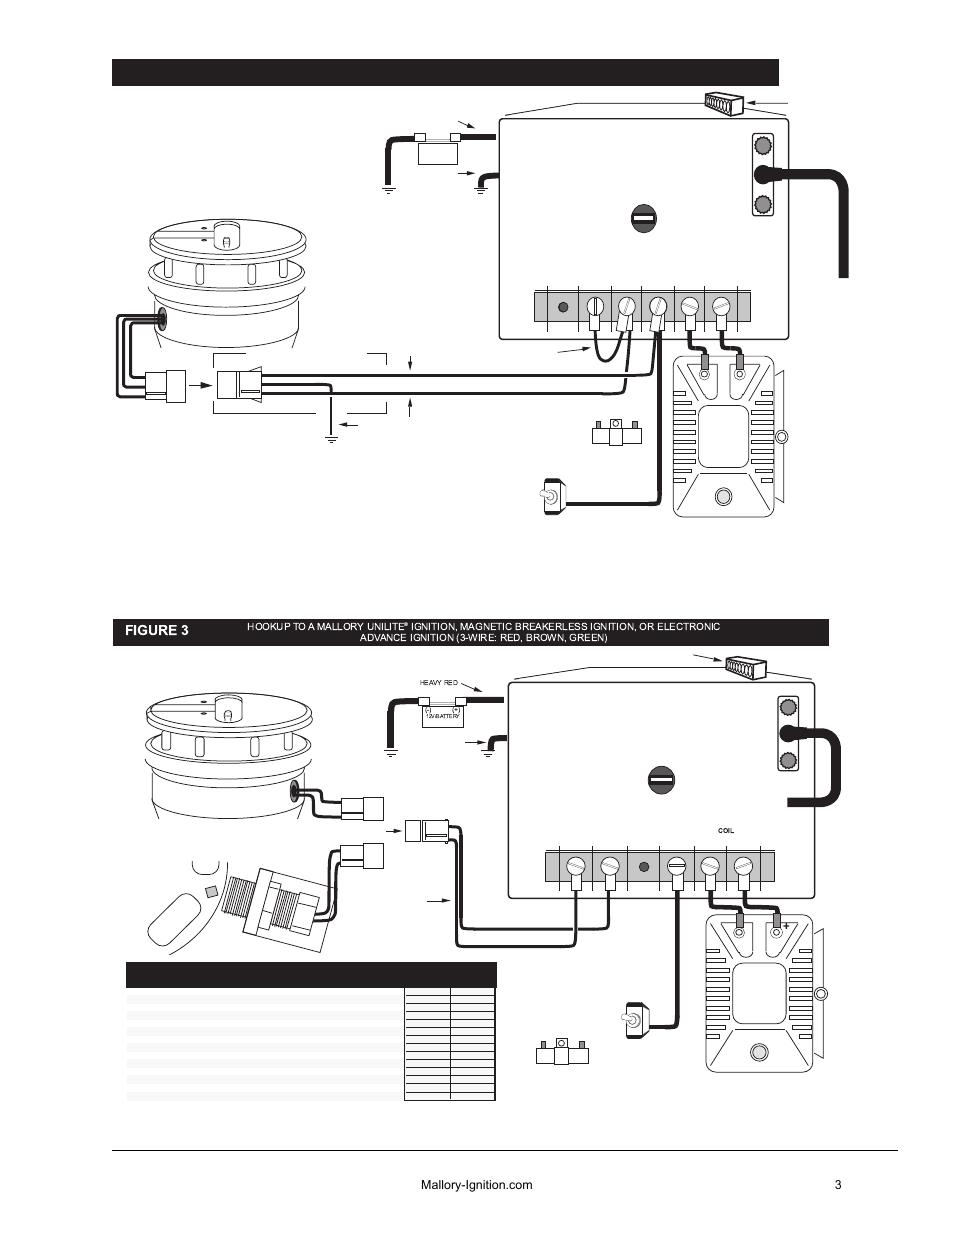 Niedlich Ignition Module Wiring Diagram Galerie - Elektrische ...